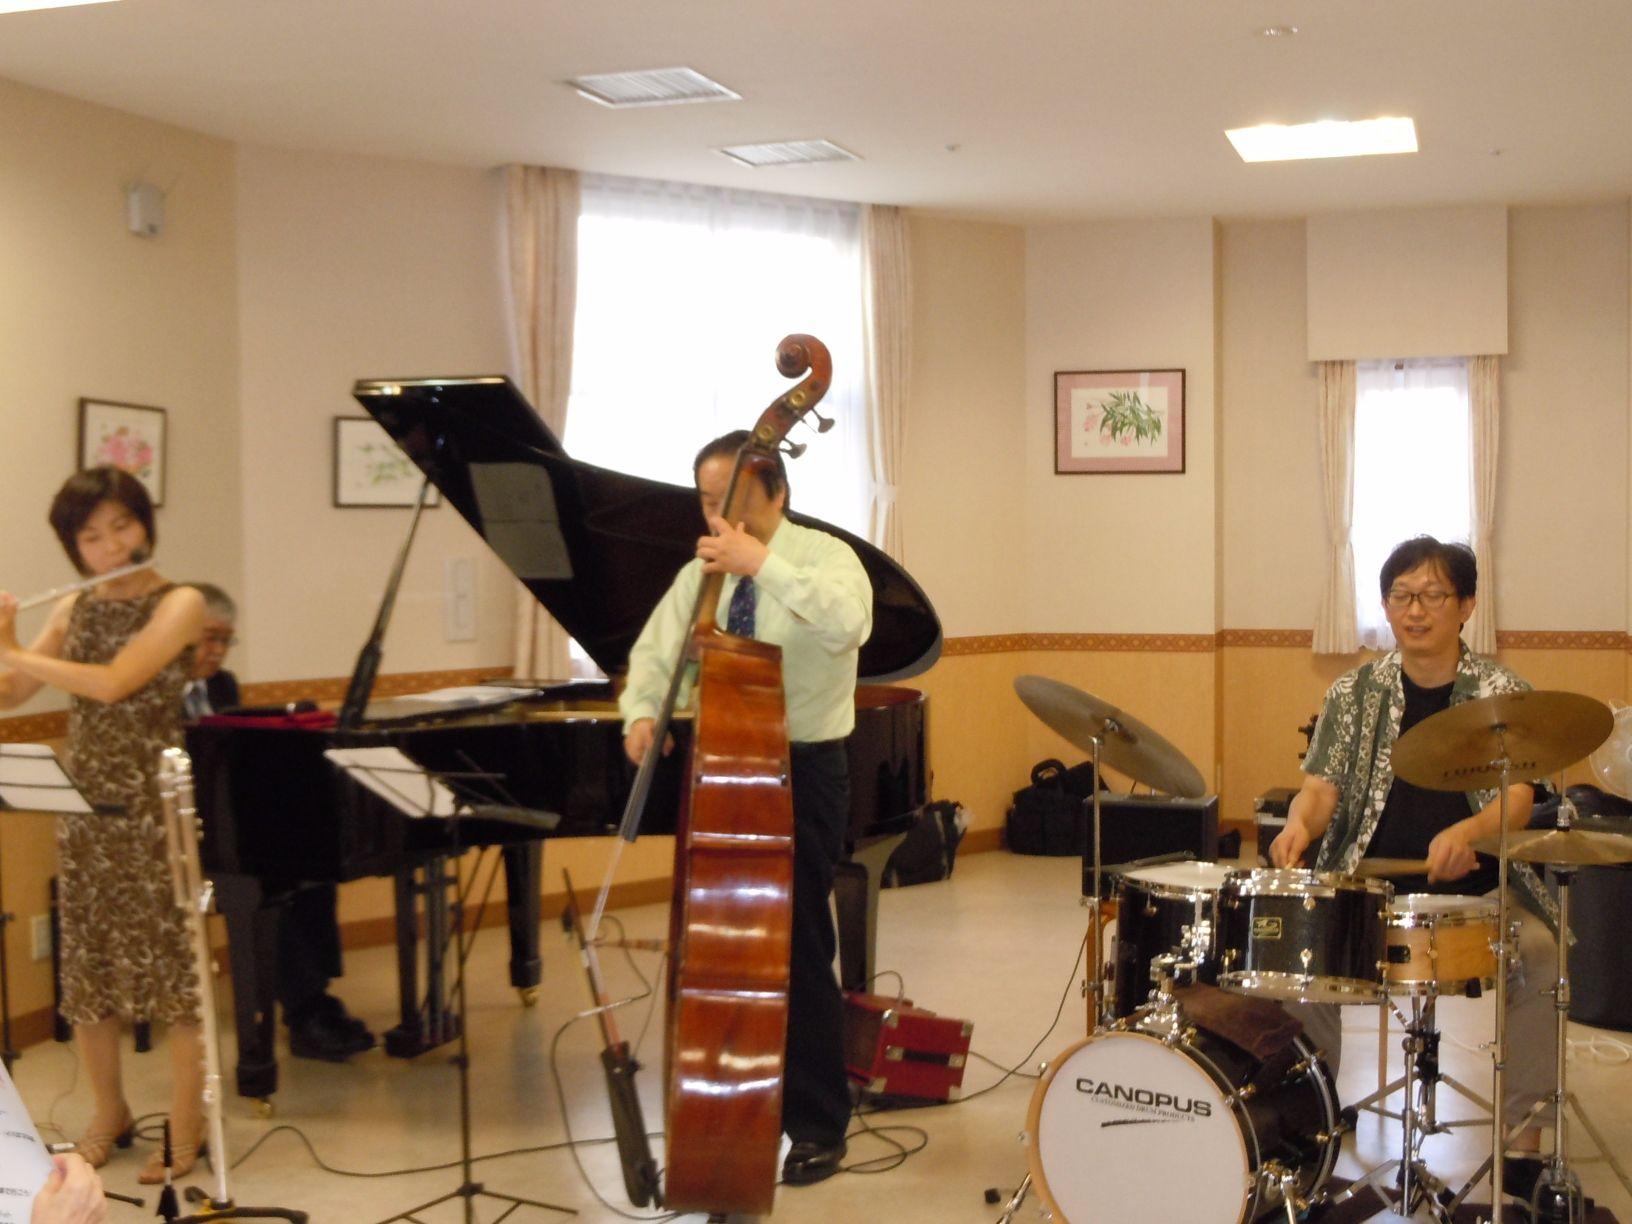 シルバーシティ聖蹟桜ヶ丘の管弦楽コンサート